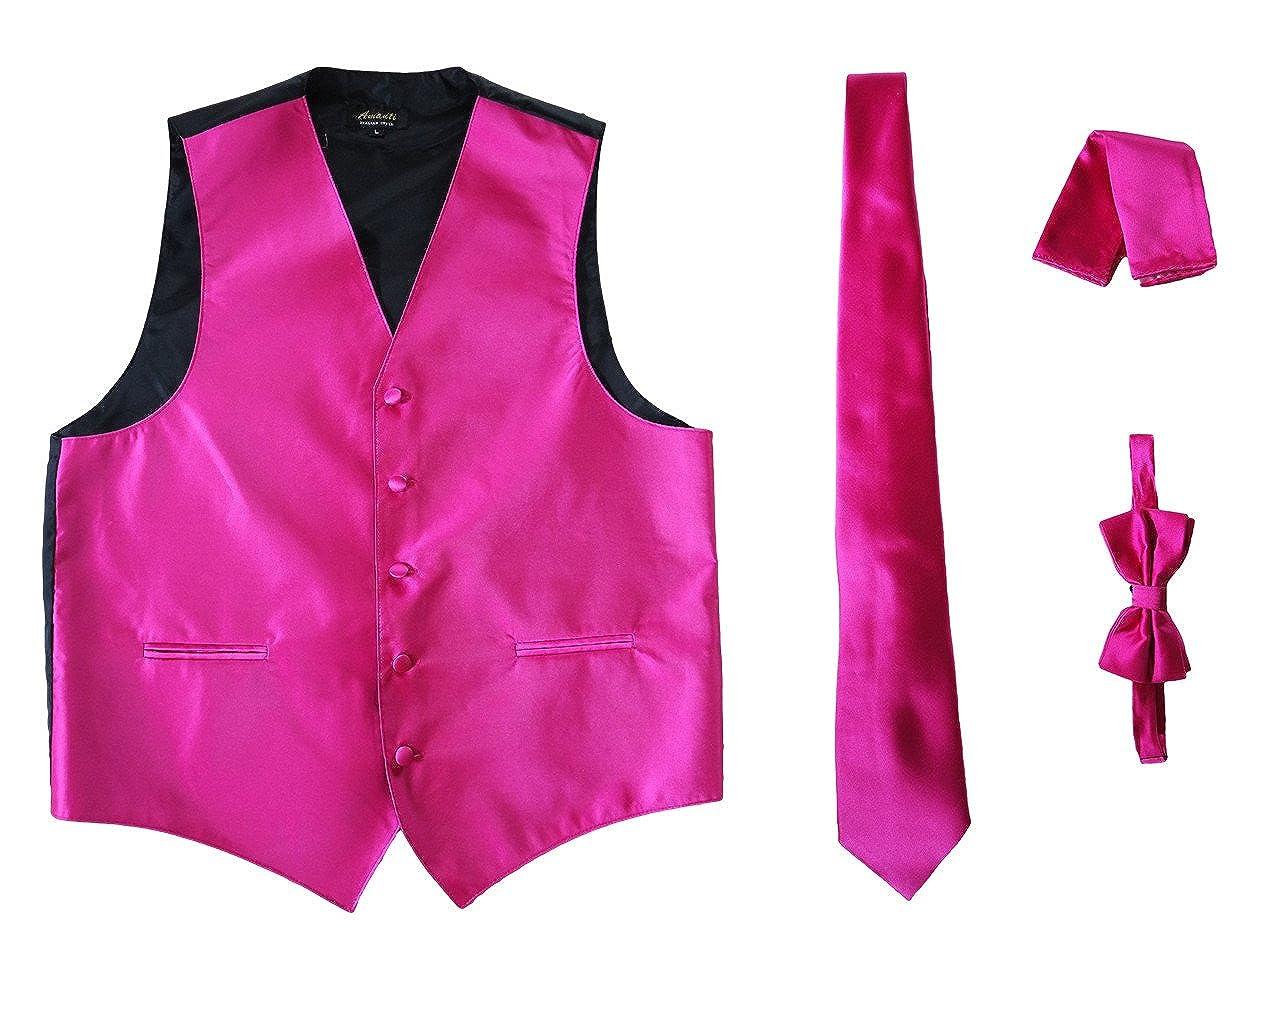 Amanti Mens 4pc Set Solid Tuxedo Vest Vest//Tie//Hanky//Bow Tie AM-Parent-30MV688EDGN